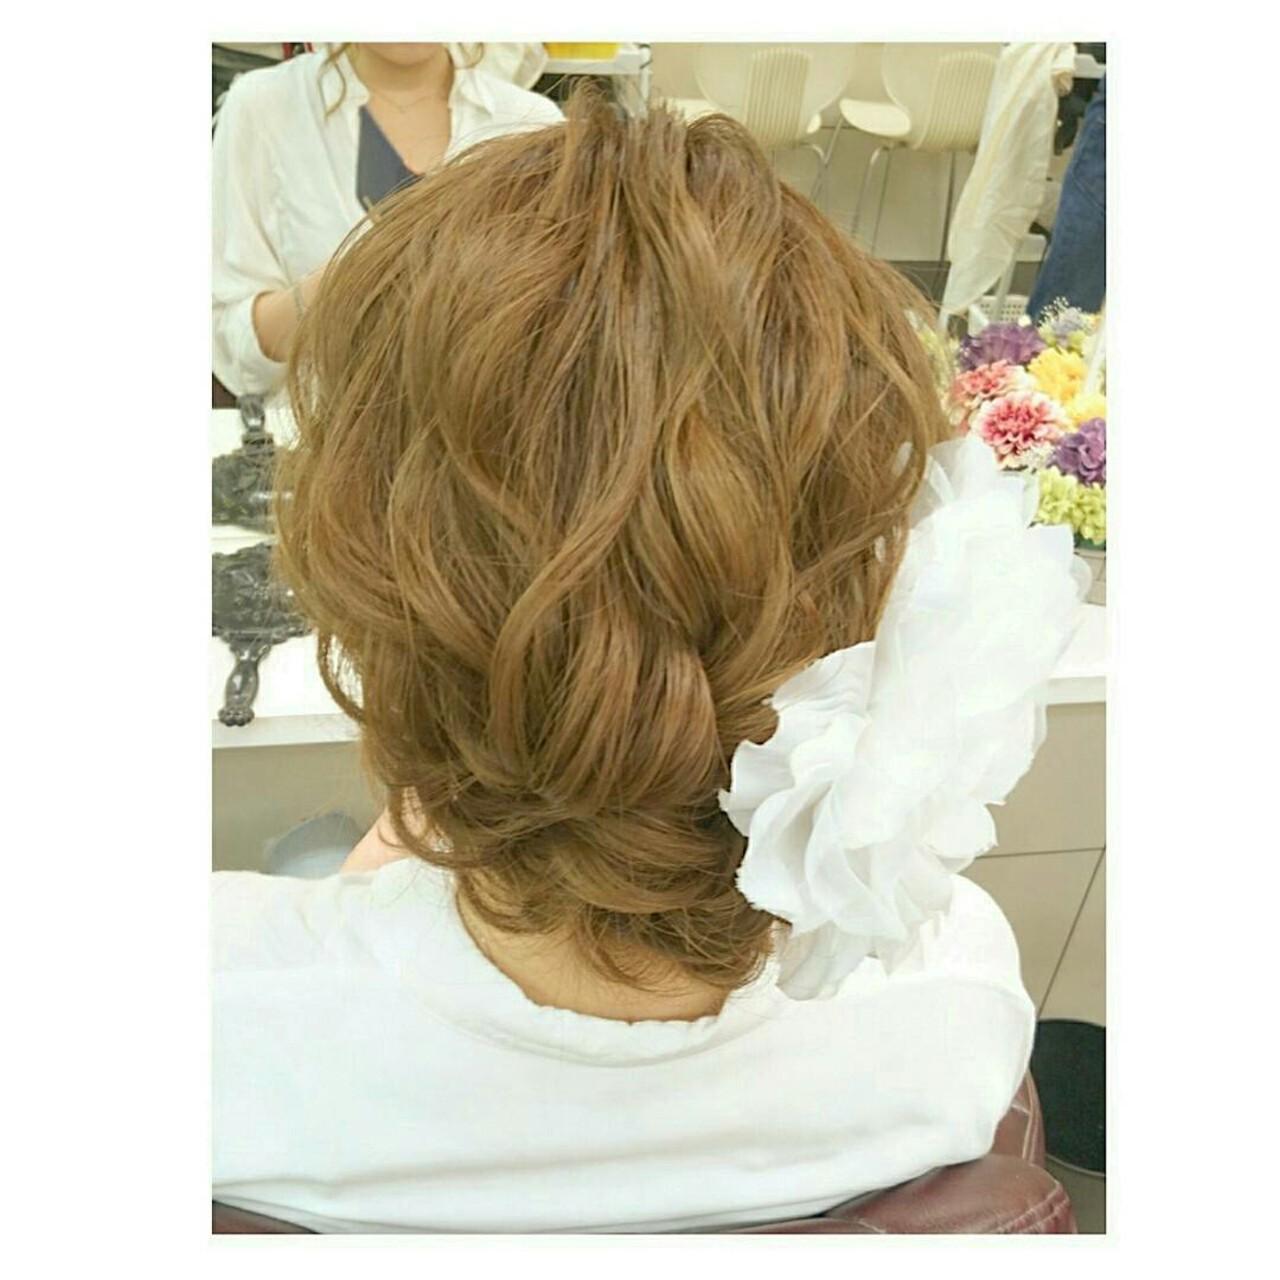 ウェーブ 涼しげ セミロング 色気 ヘアスタイルや髪型の写真・画像